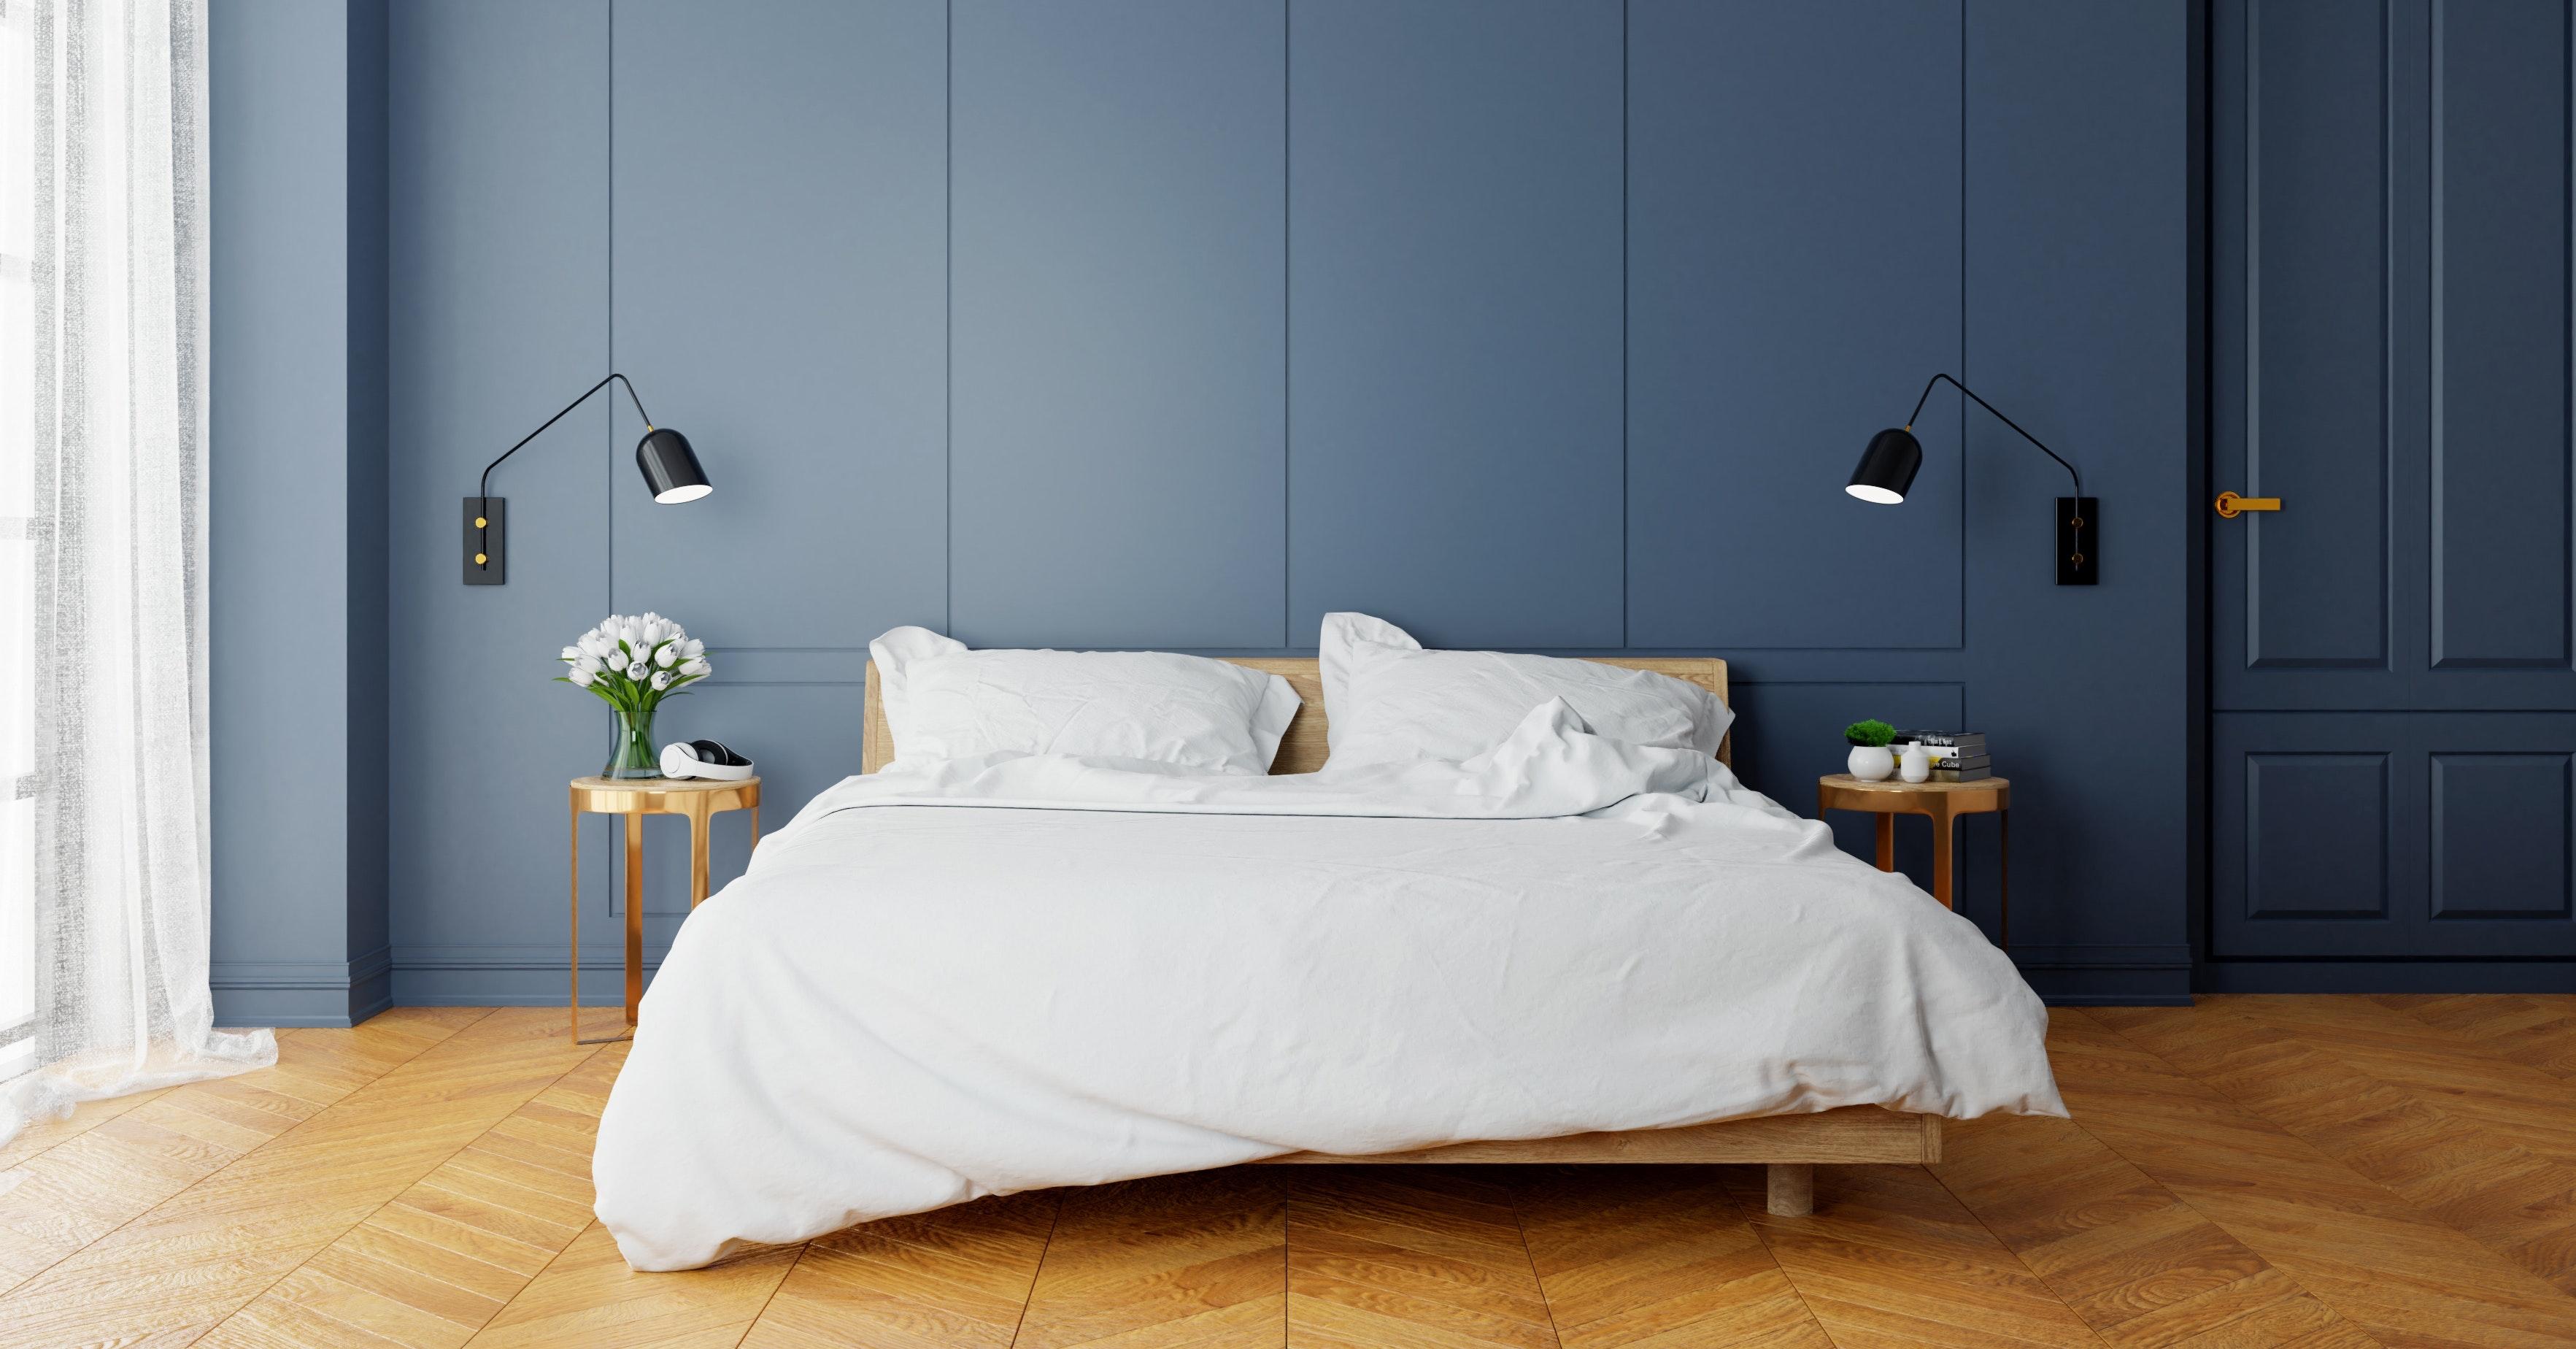 Bliv Inspireret Af De 13 Flotteste Sovevaerelser Pa Pinterest Bobedre Dk